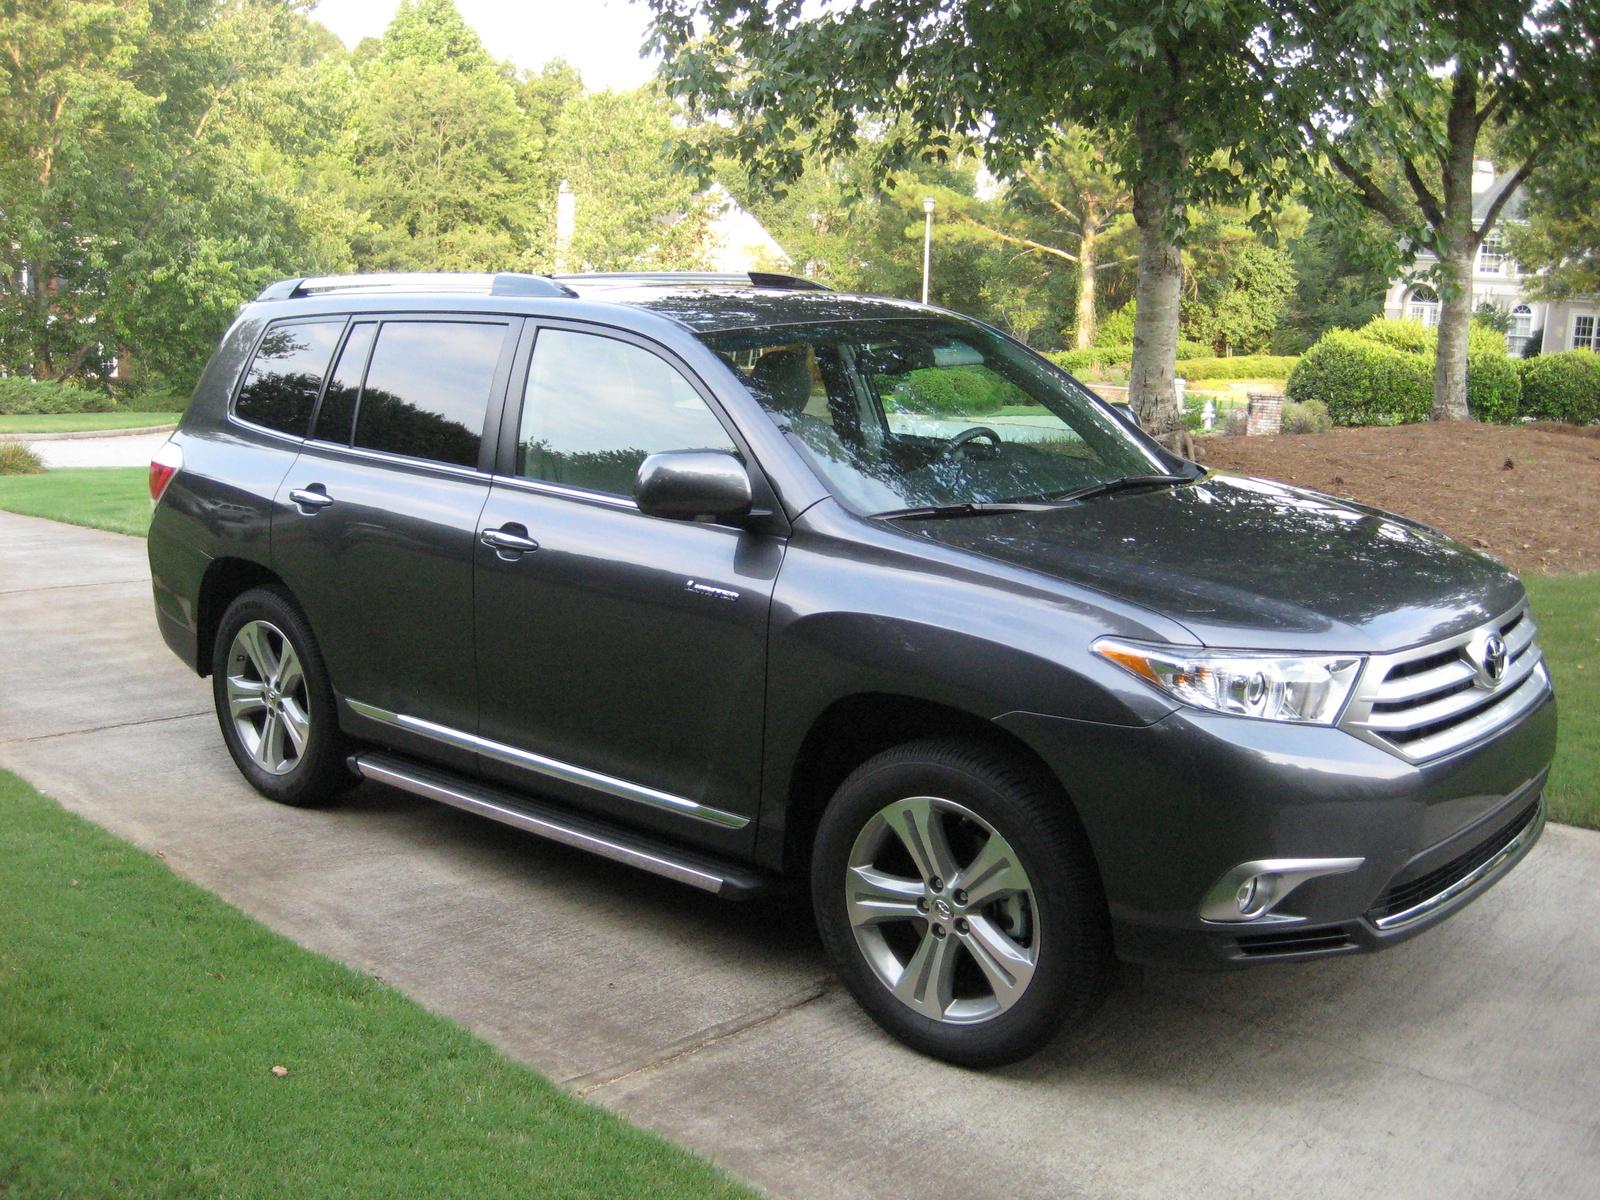 2012 Toyota Highlander Pictures Cargurus